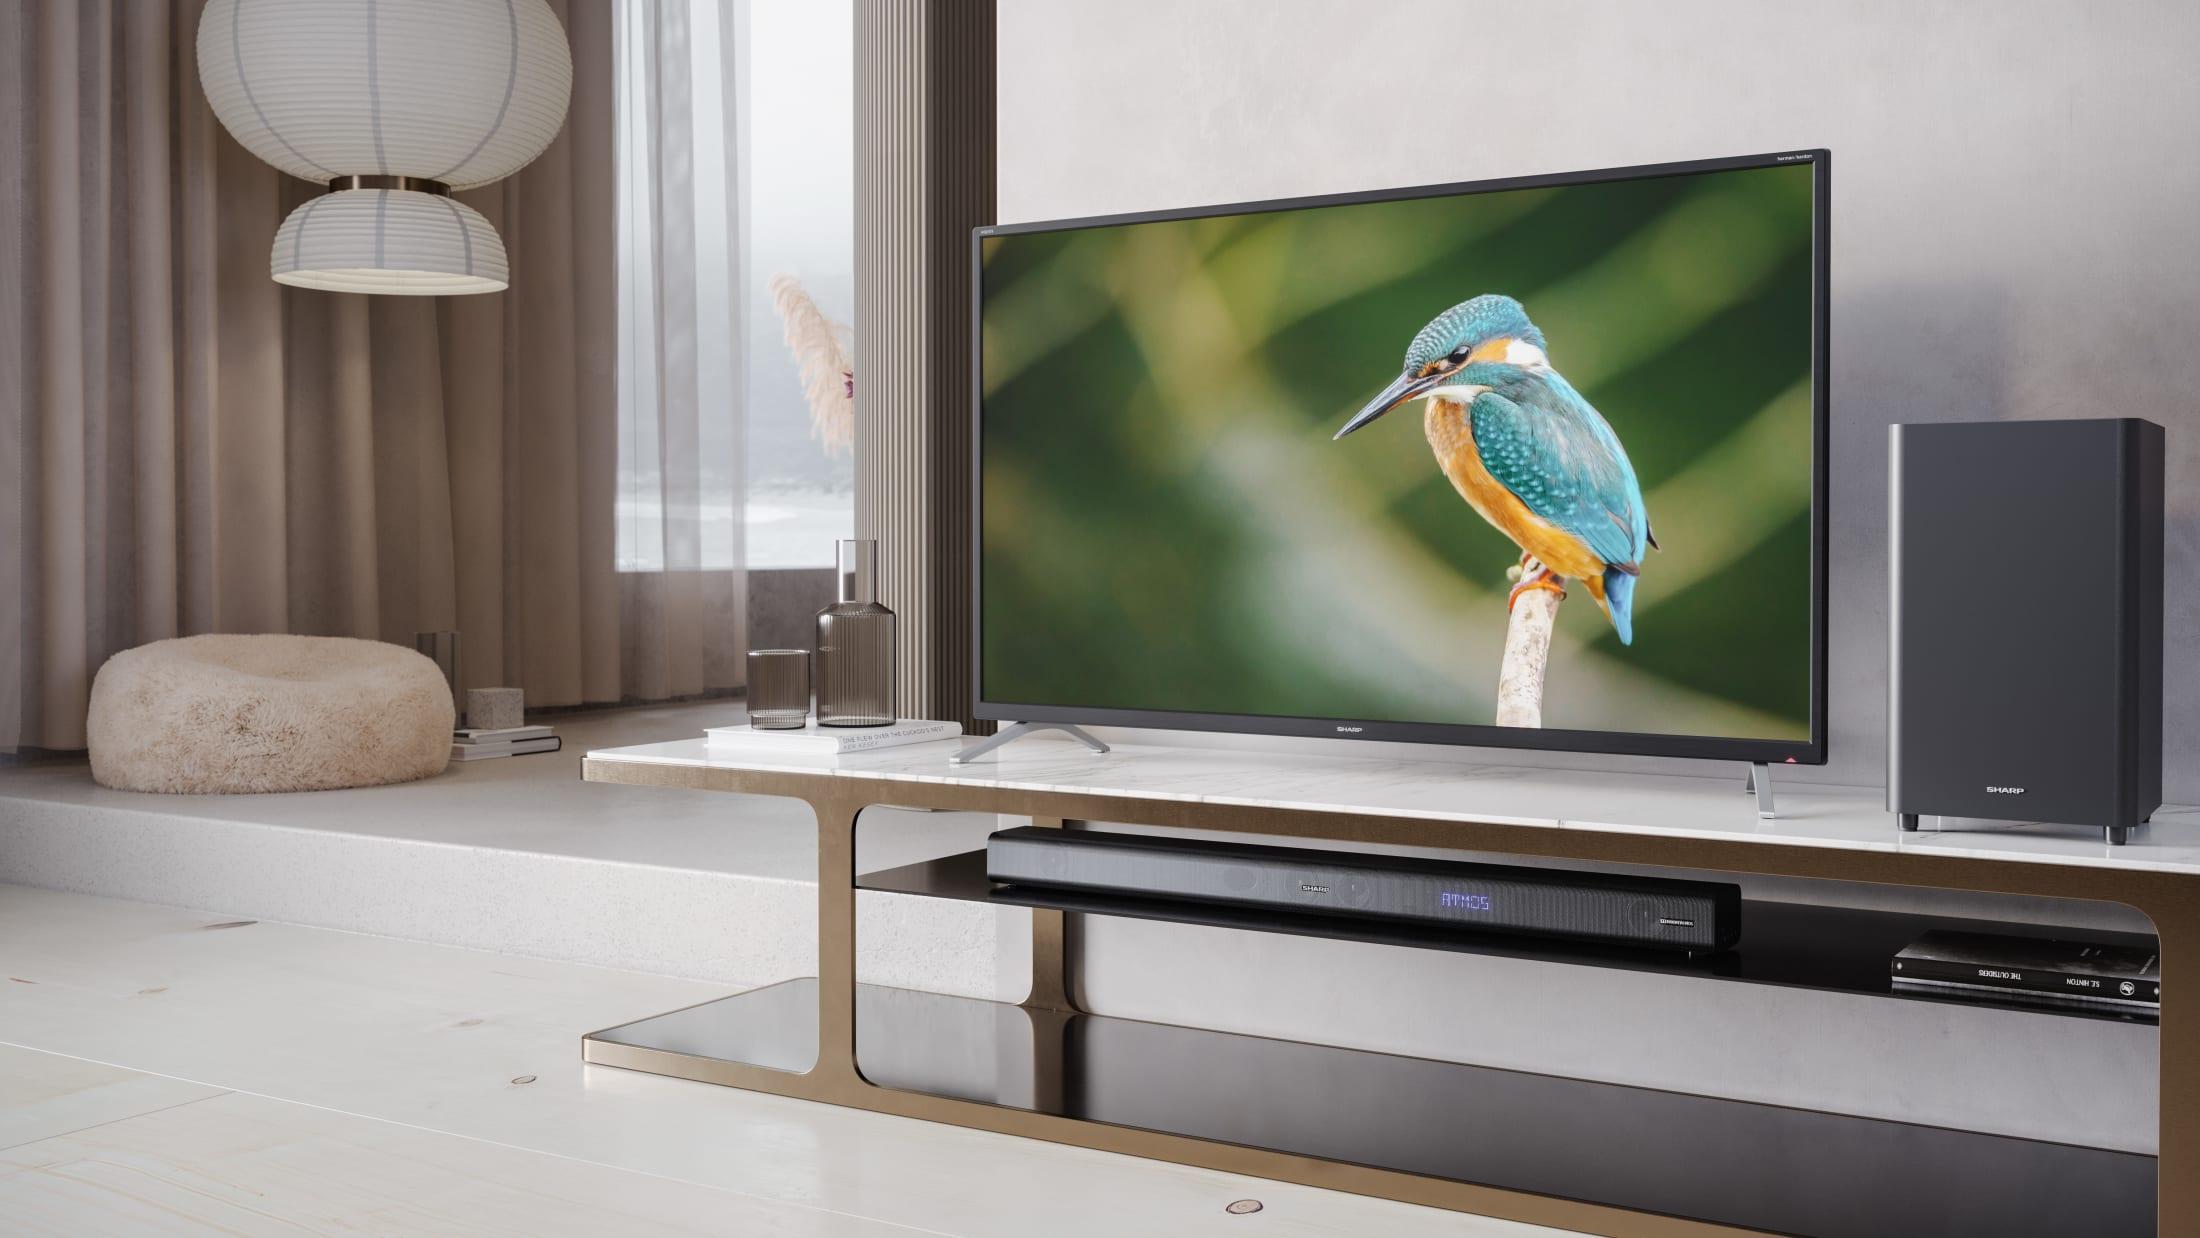 32BI2EA je HD Ready LED TV Android z izjemno multimedijsko funkcionalnostjo.